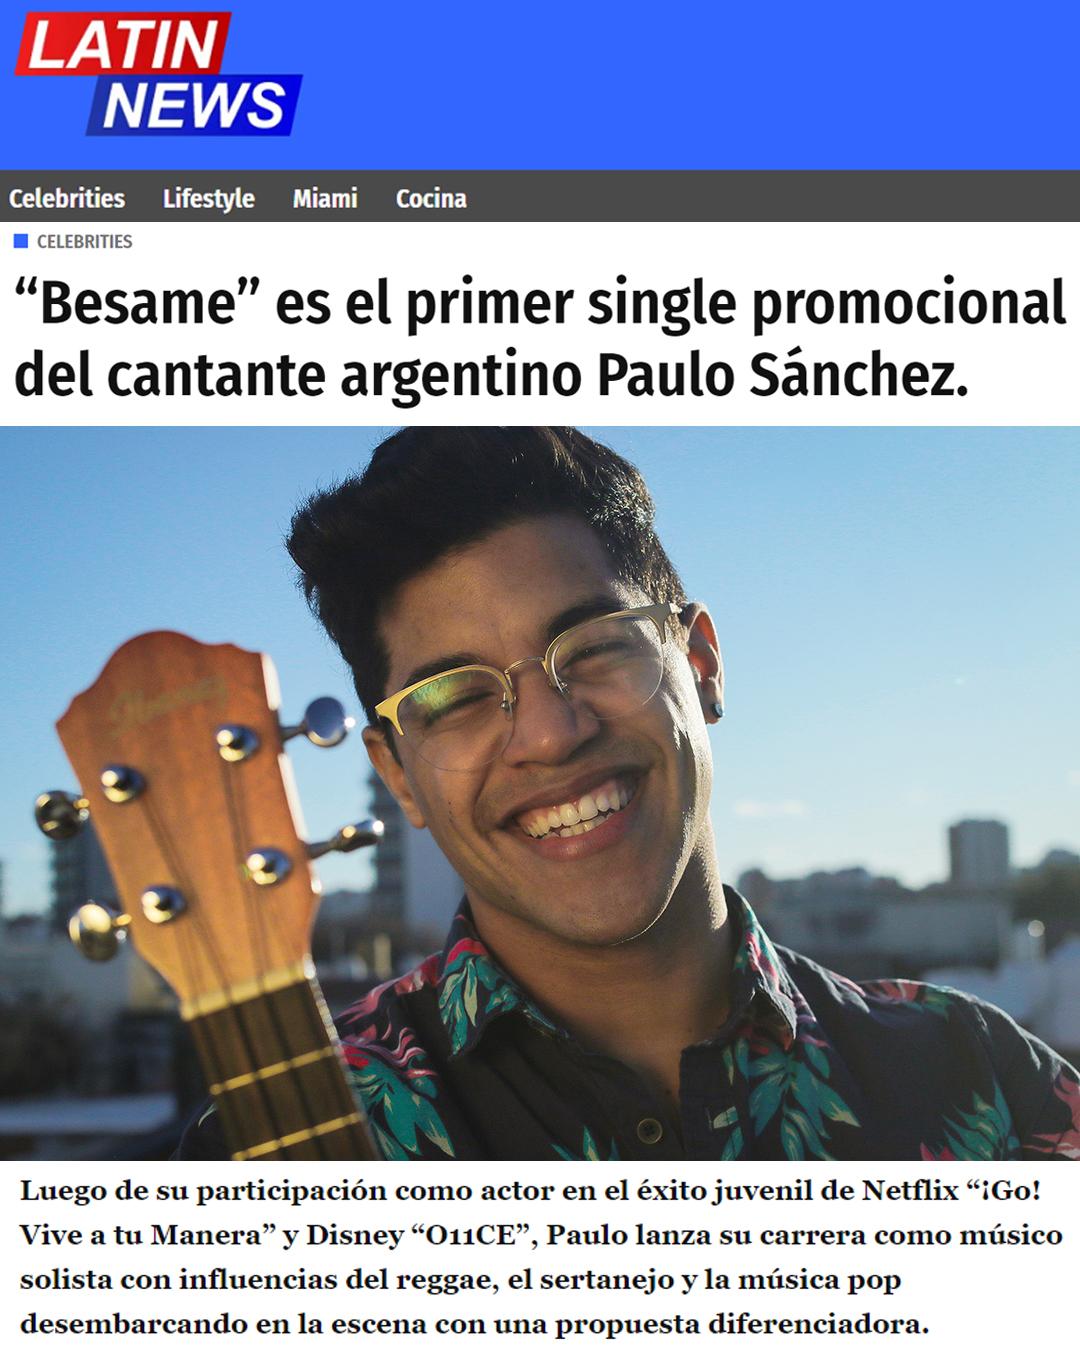 latin news